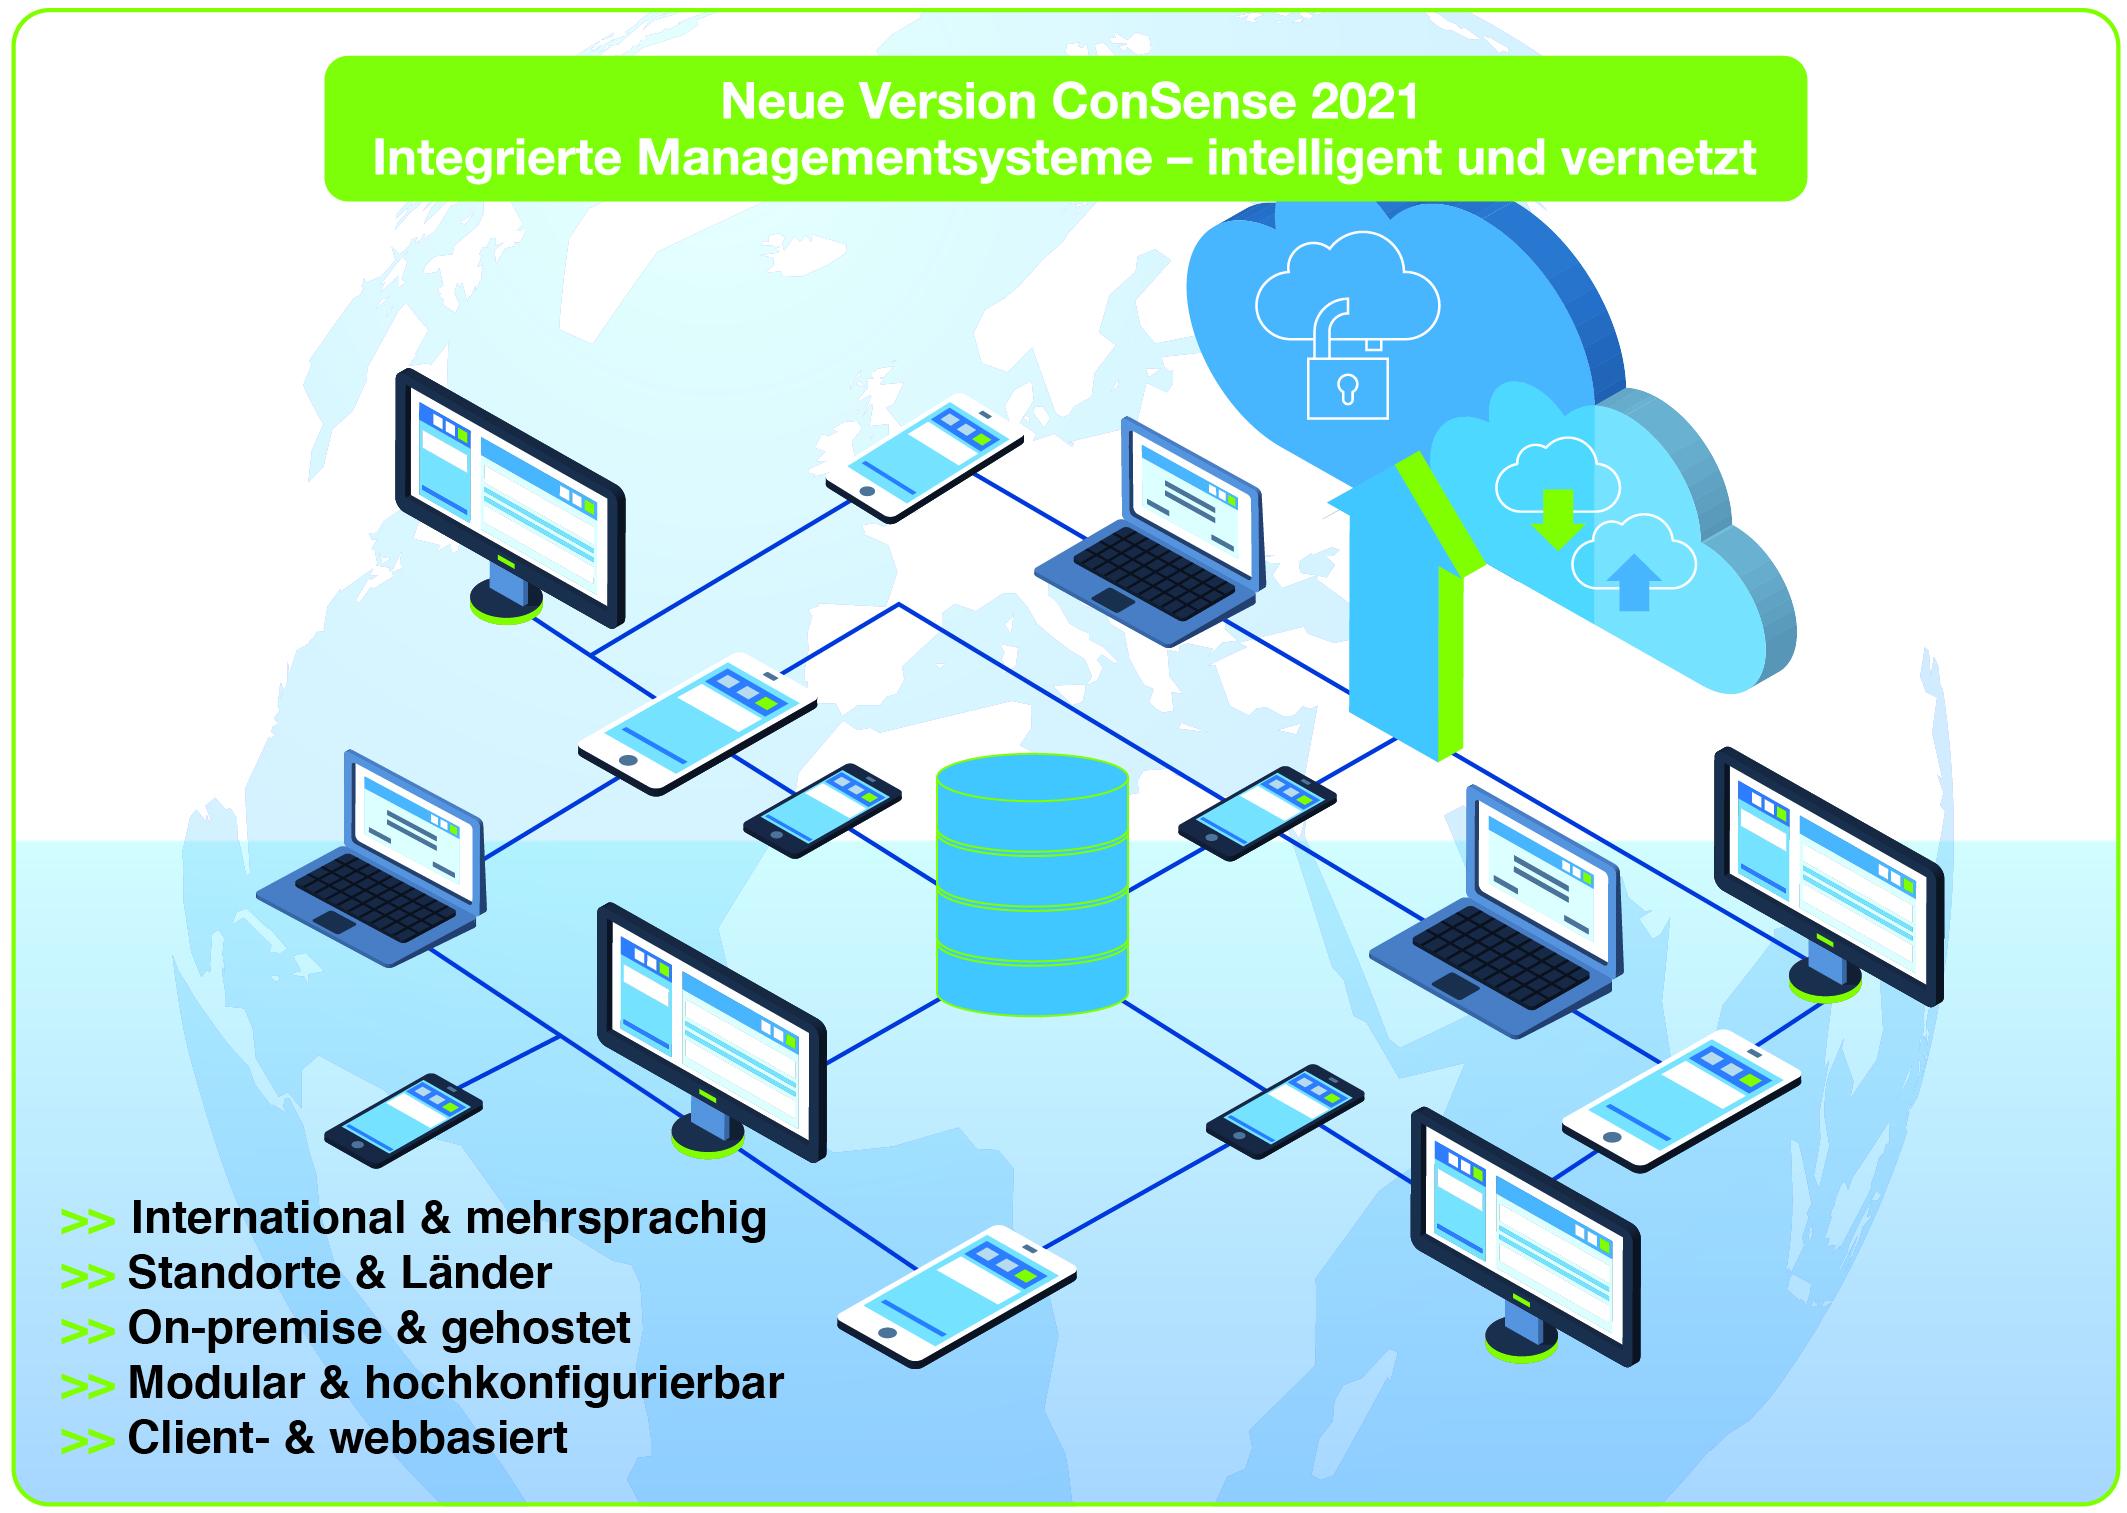 Maßnahmenmanagement-Anwendern steht nun automatisch das Taskboard zur Verfügung (Symbolbild). (Bild: ConSense GmbH)